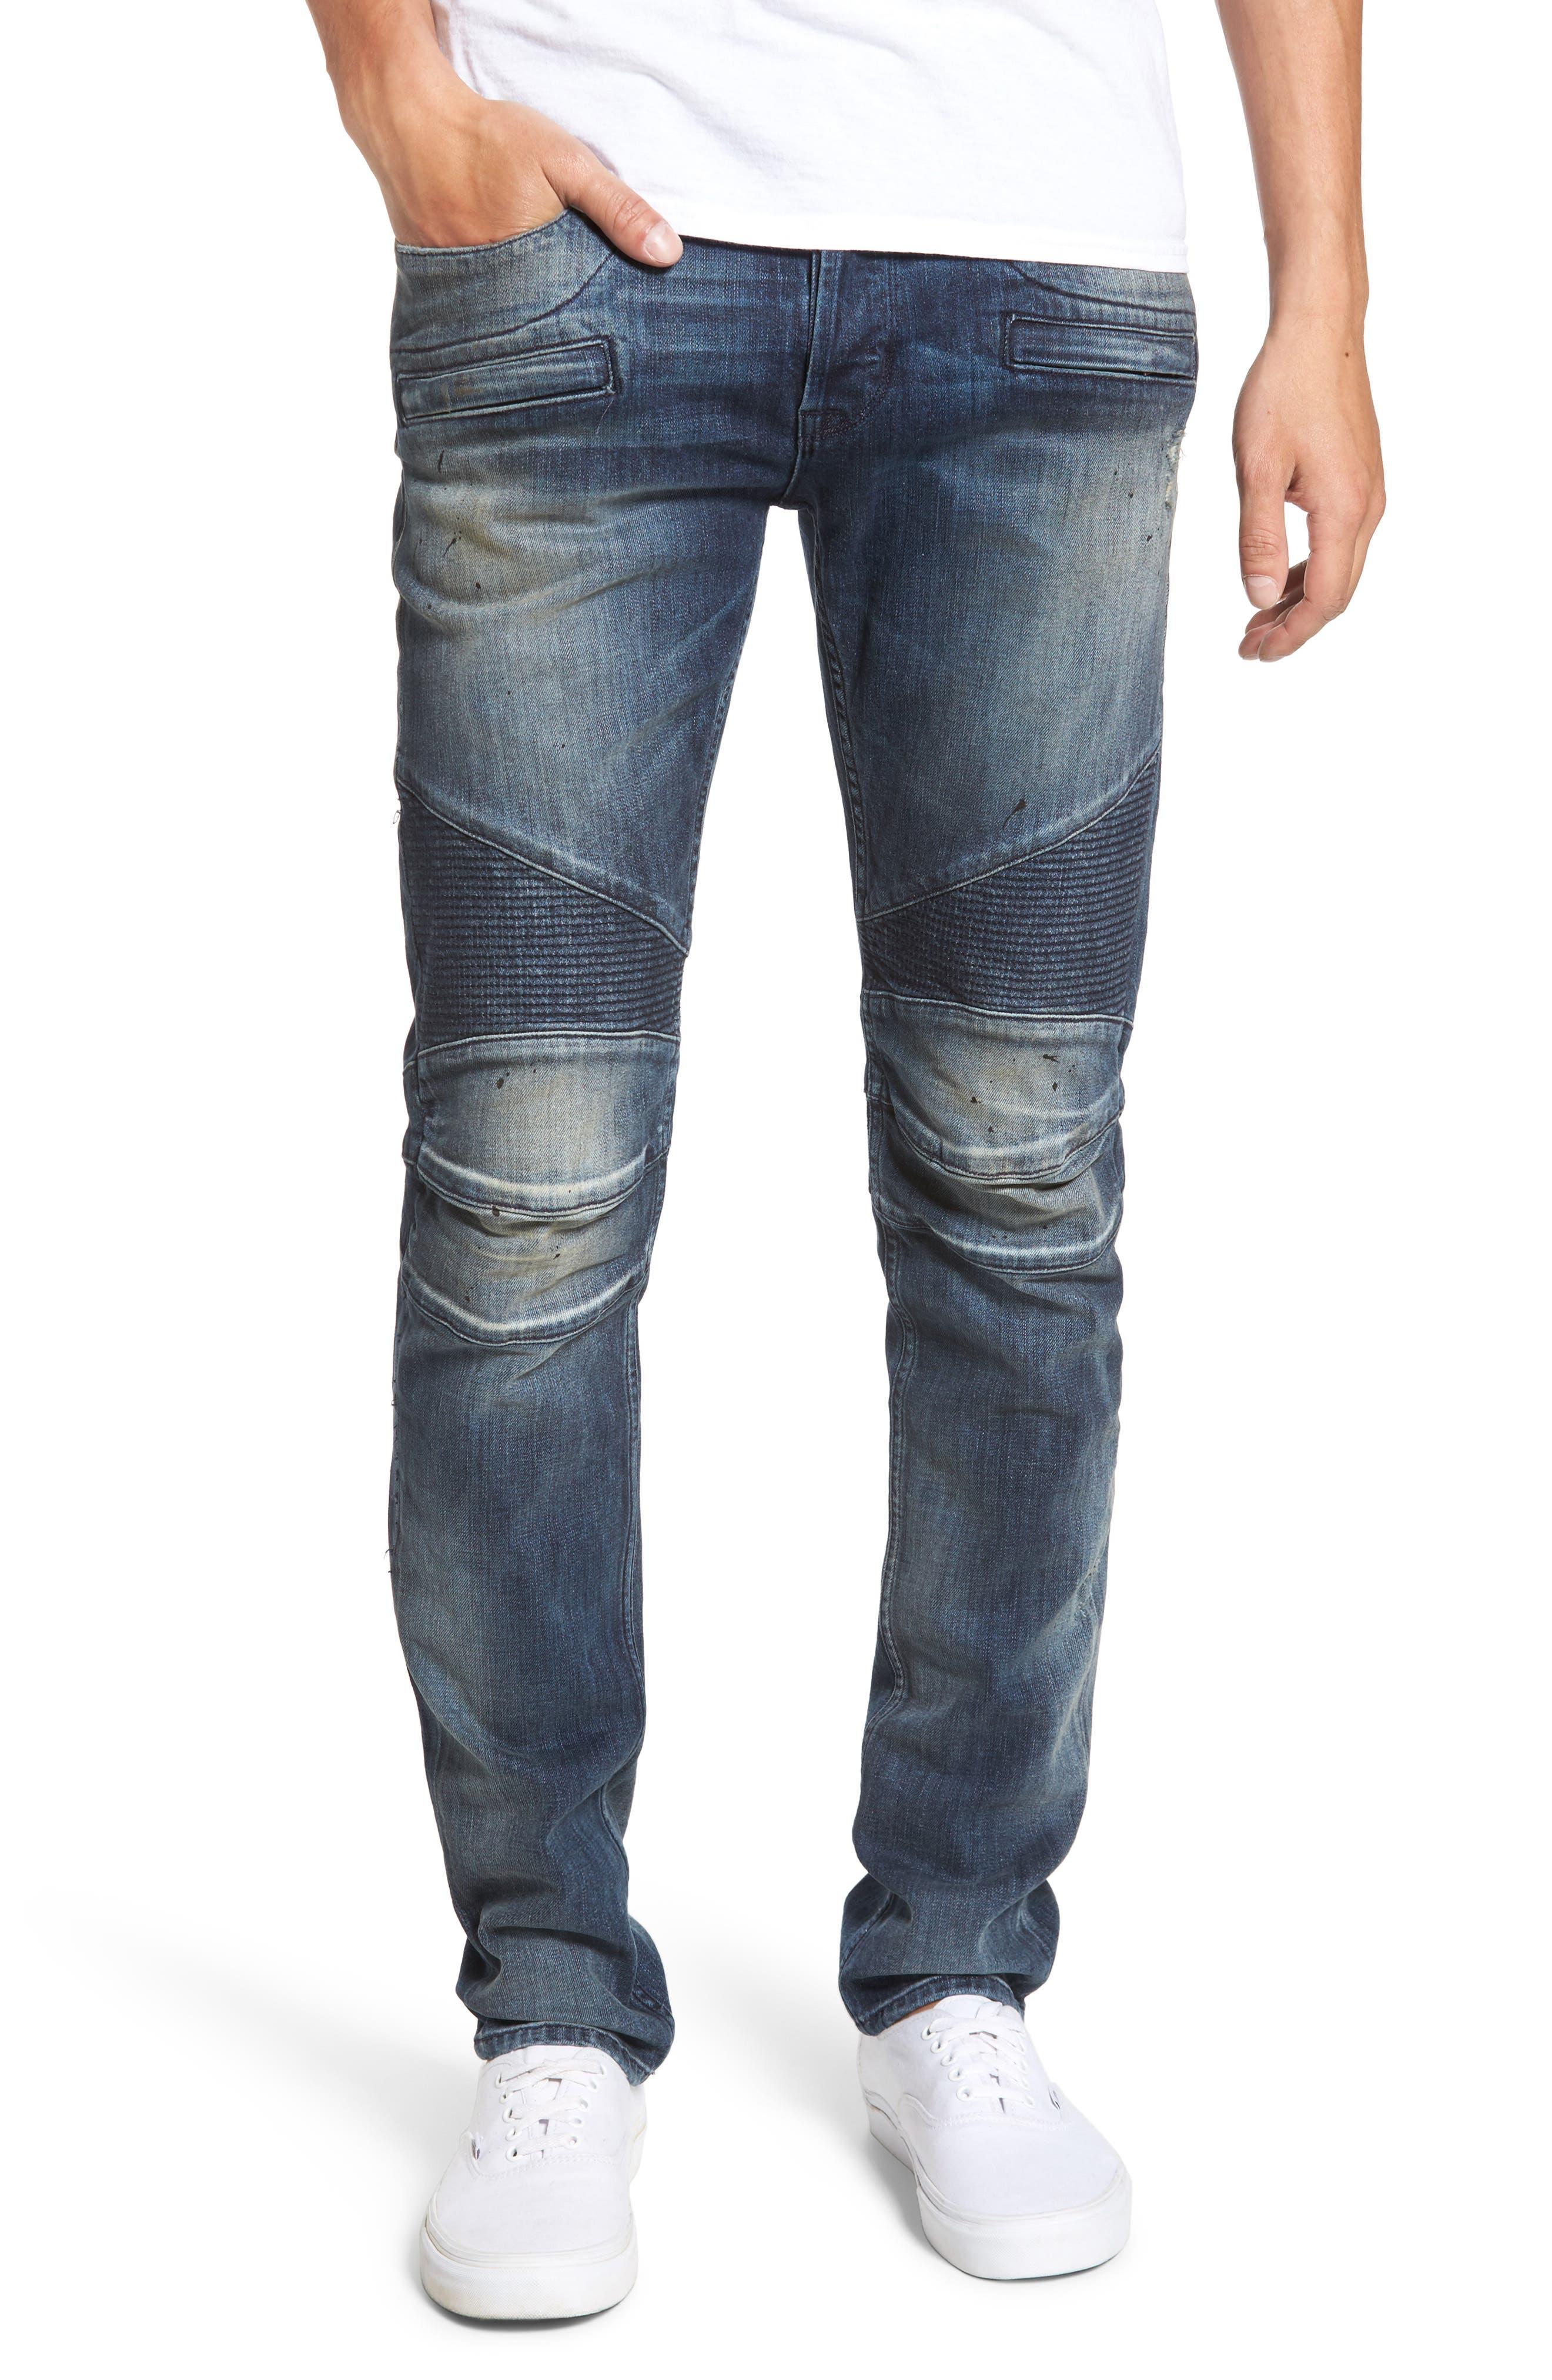 Blinder Biker Moto Skinny Fit Jeans,                         Main,                         color, 425